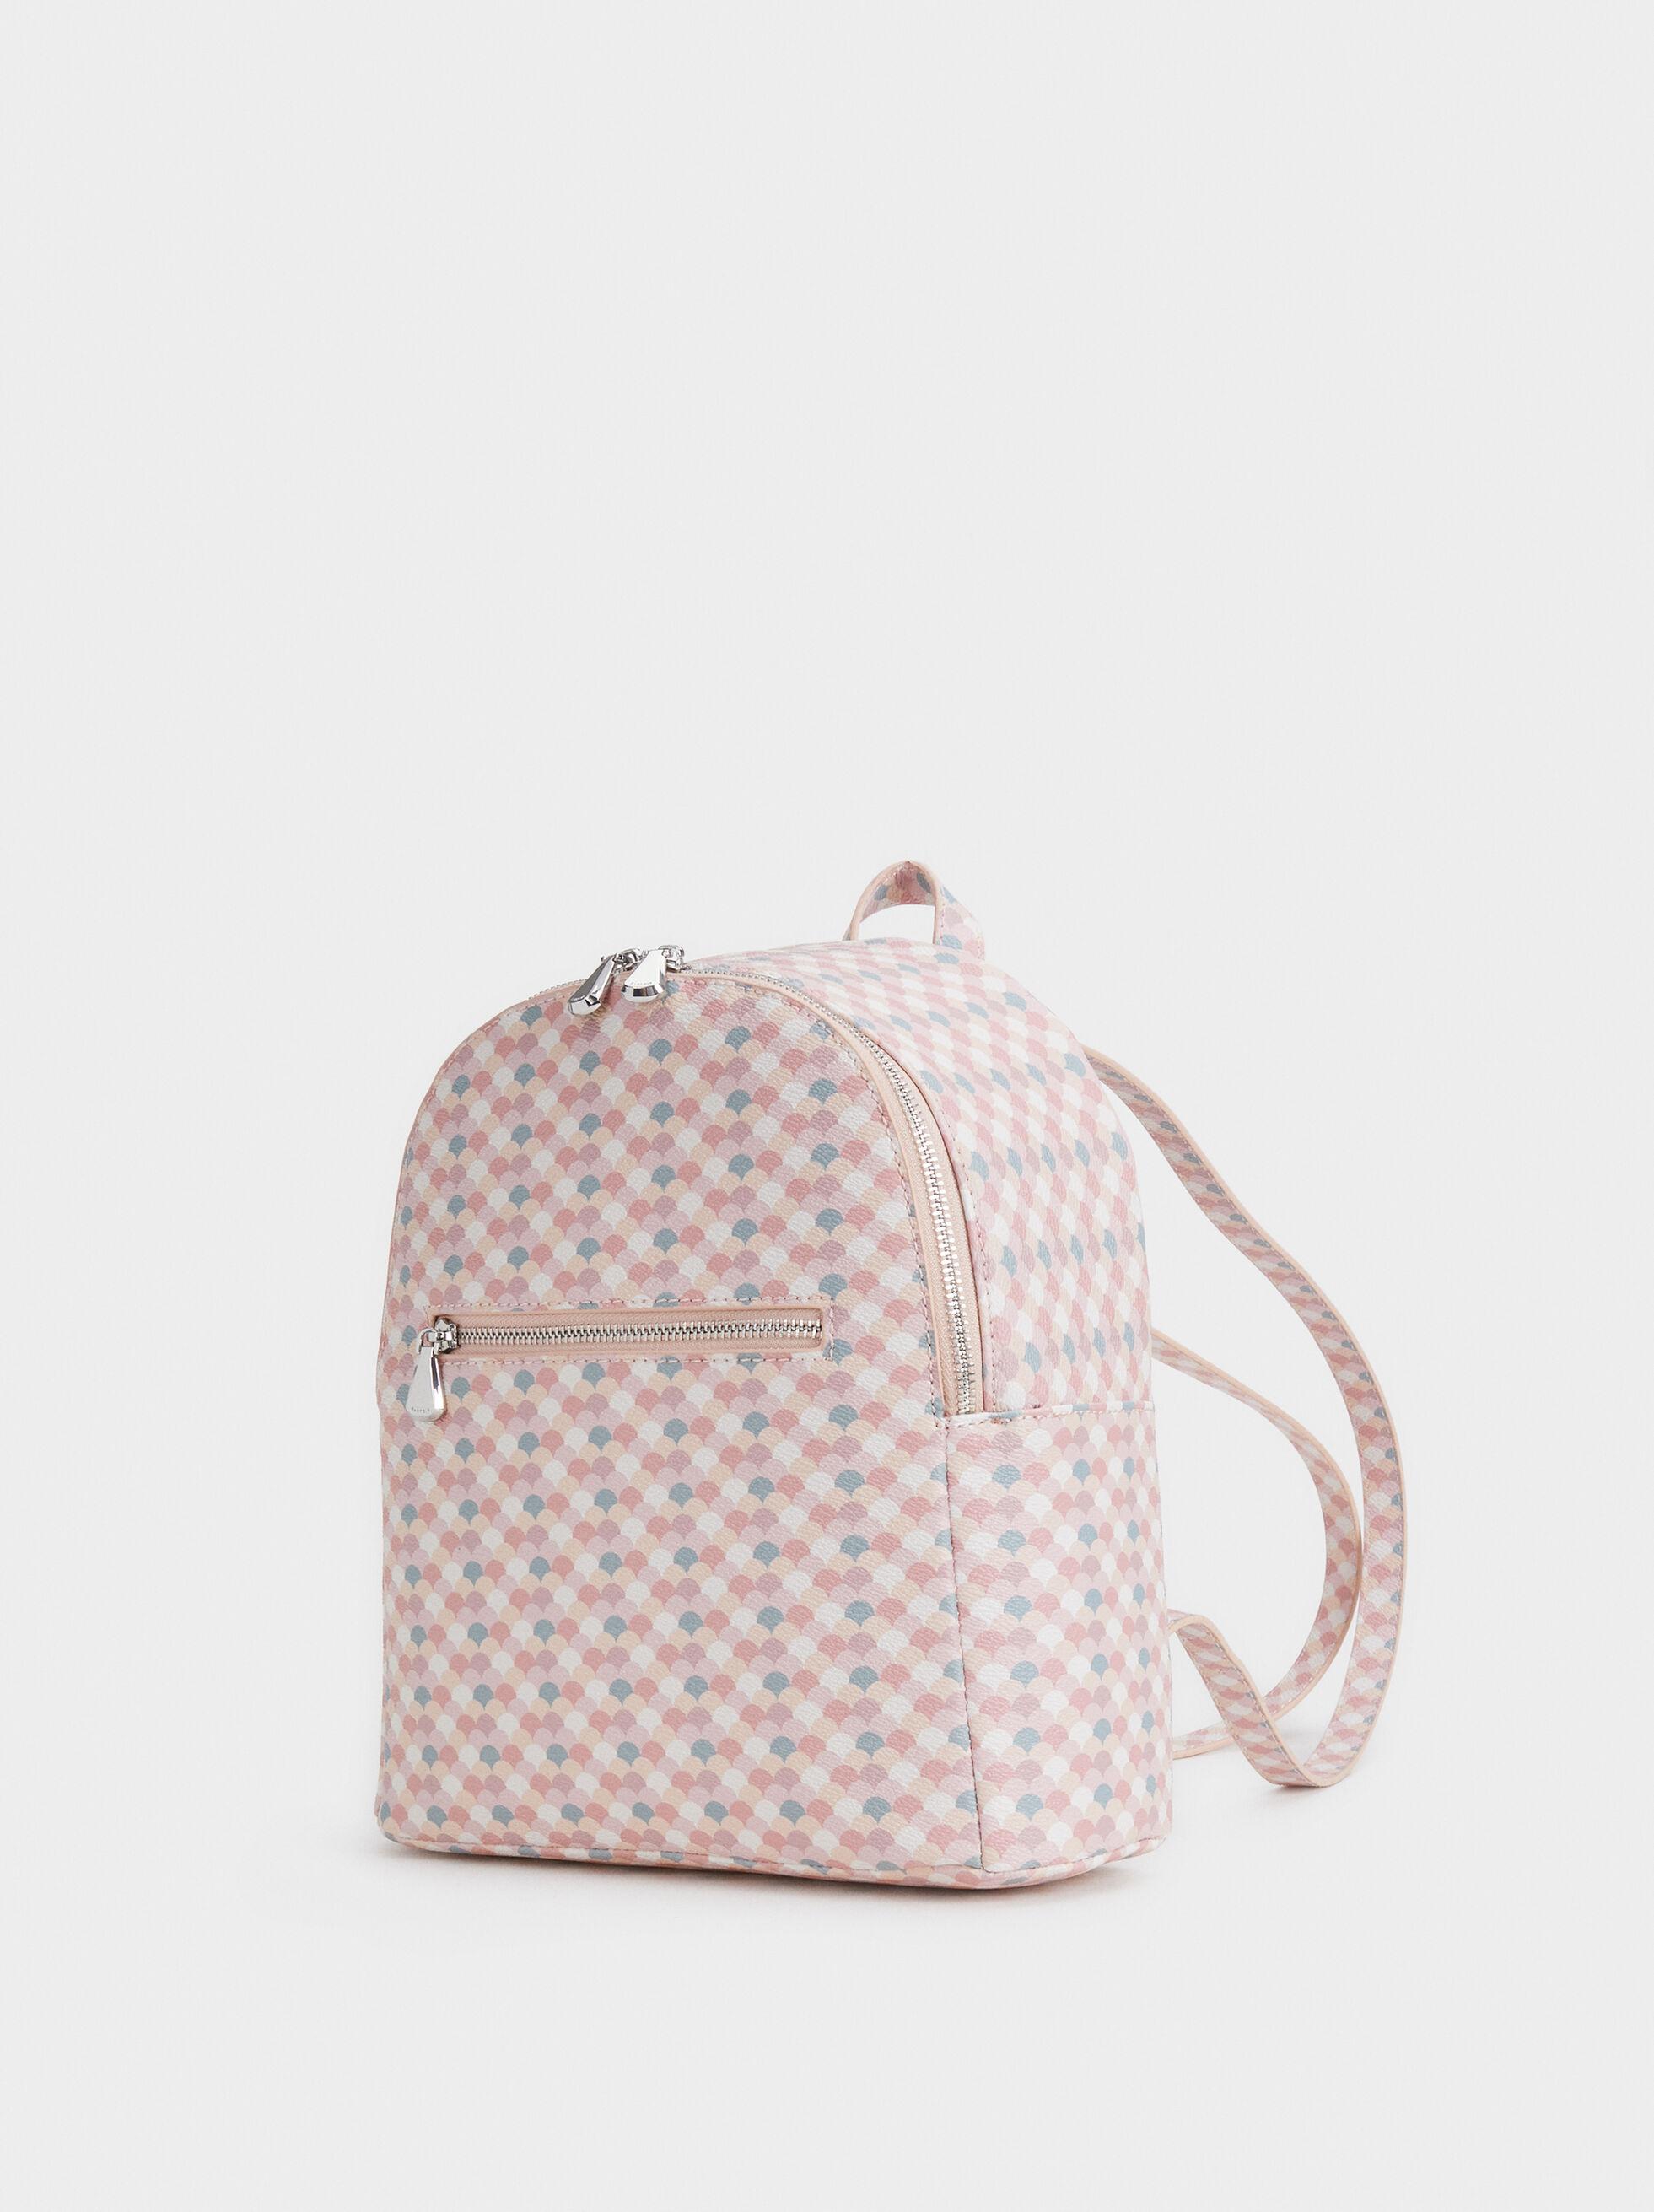 Printed Backpack, Pink, hi-res